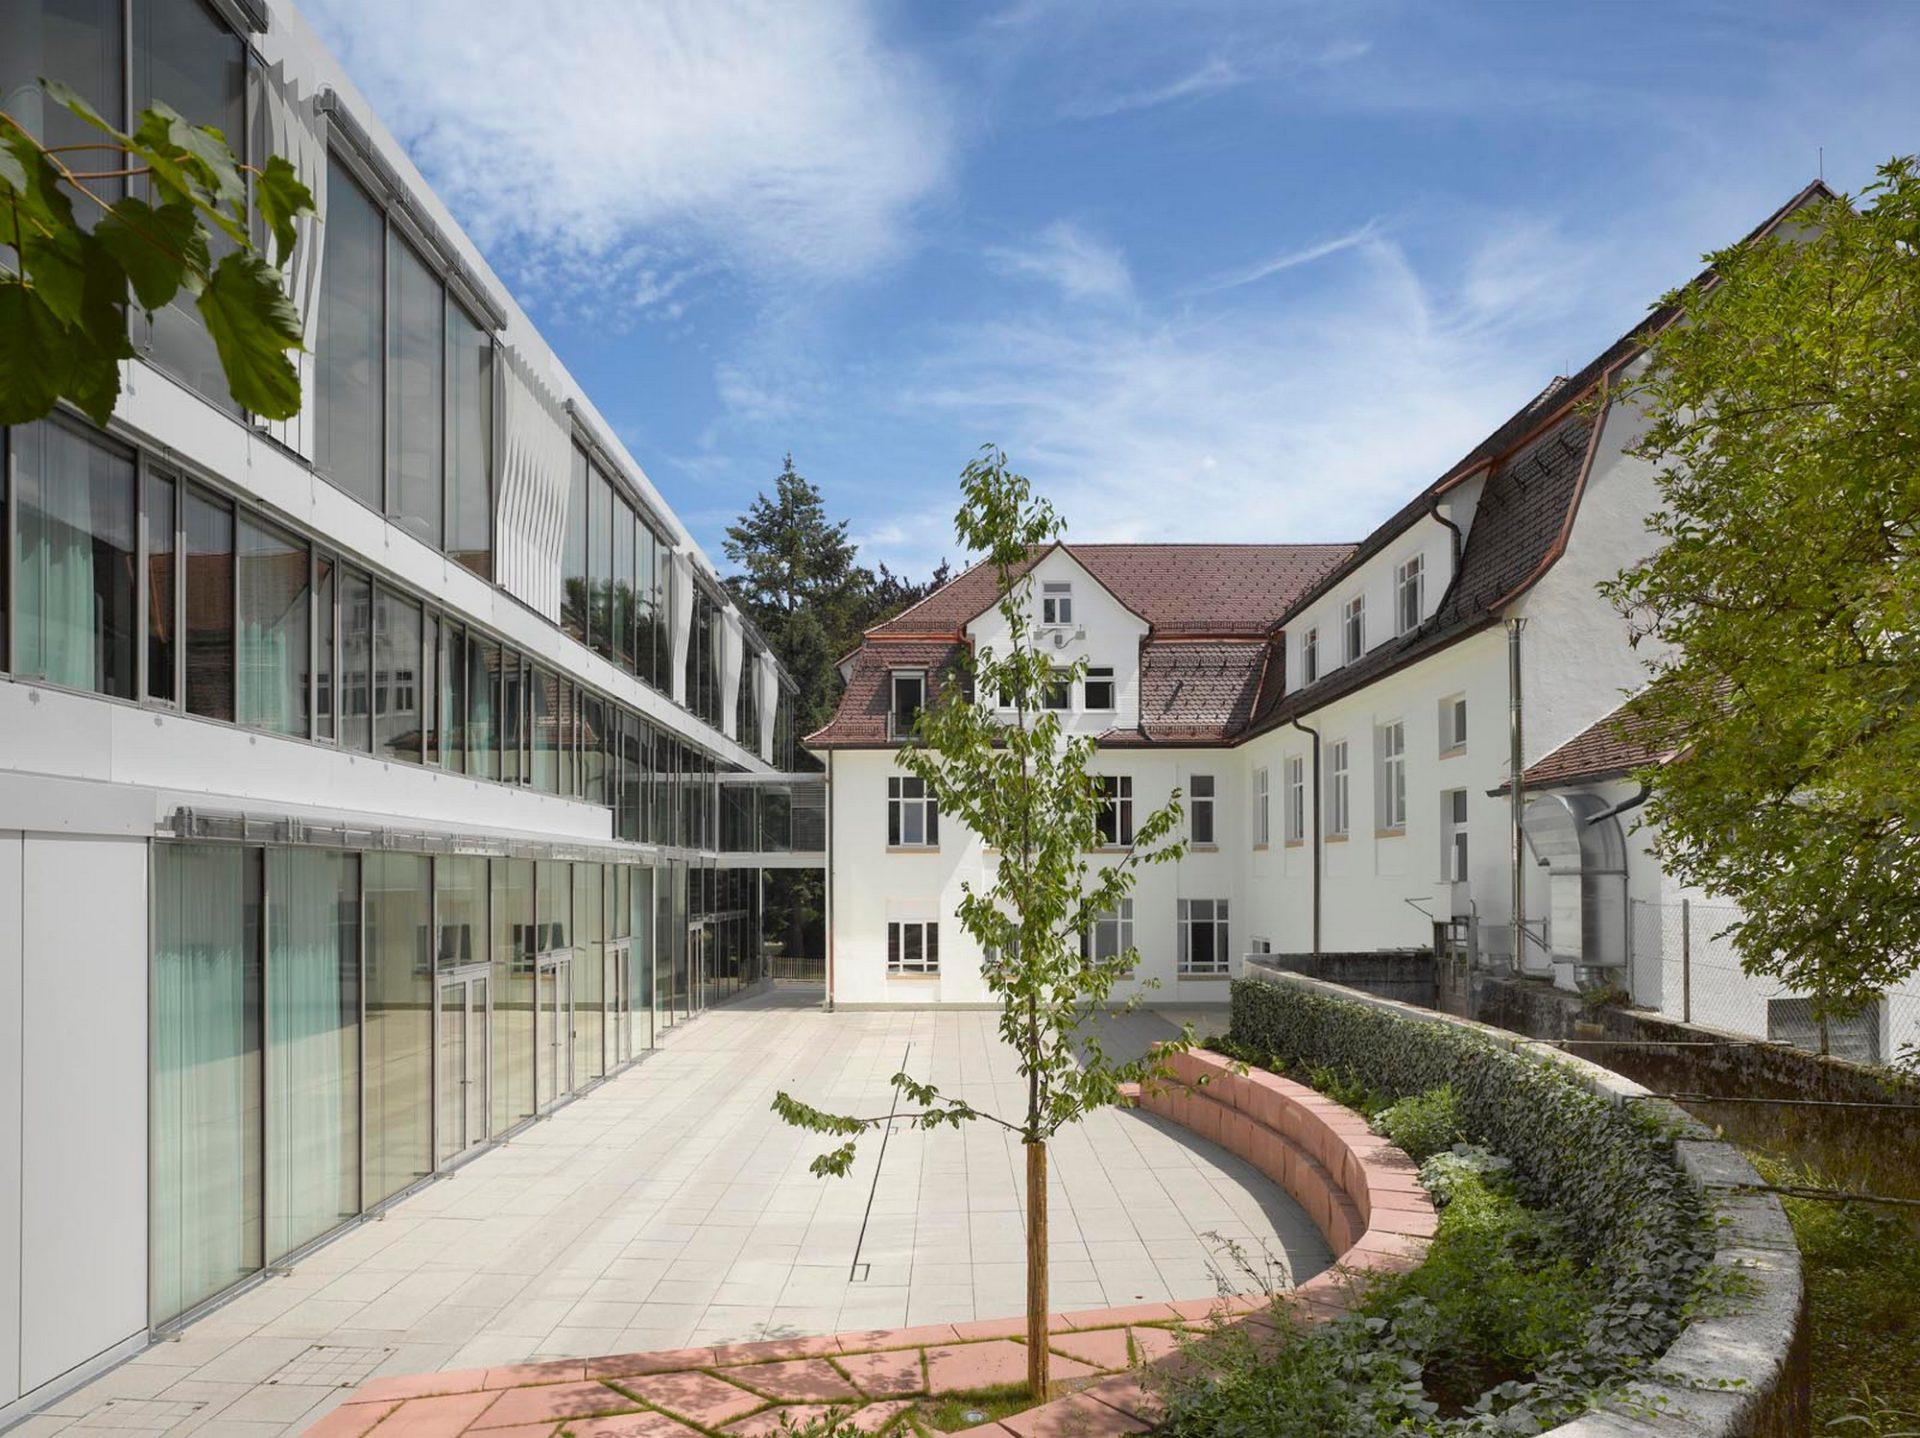 Glatten, Schmalz Empfangsgebäude